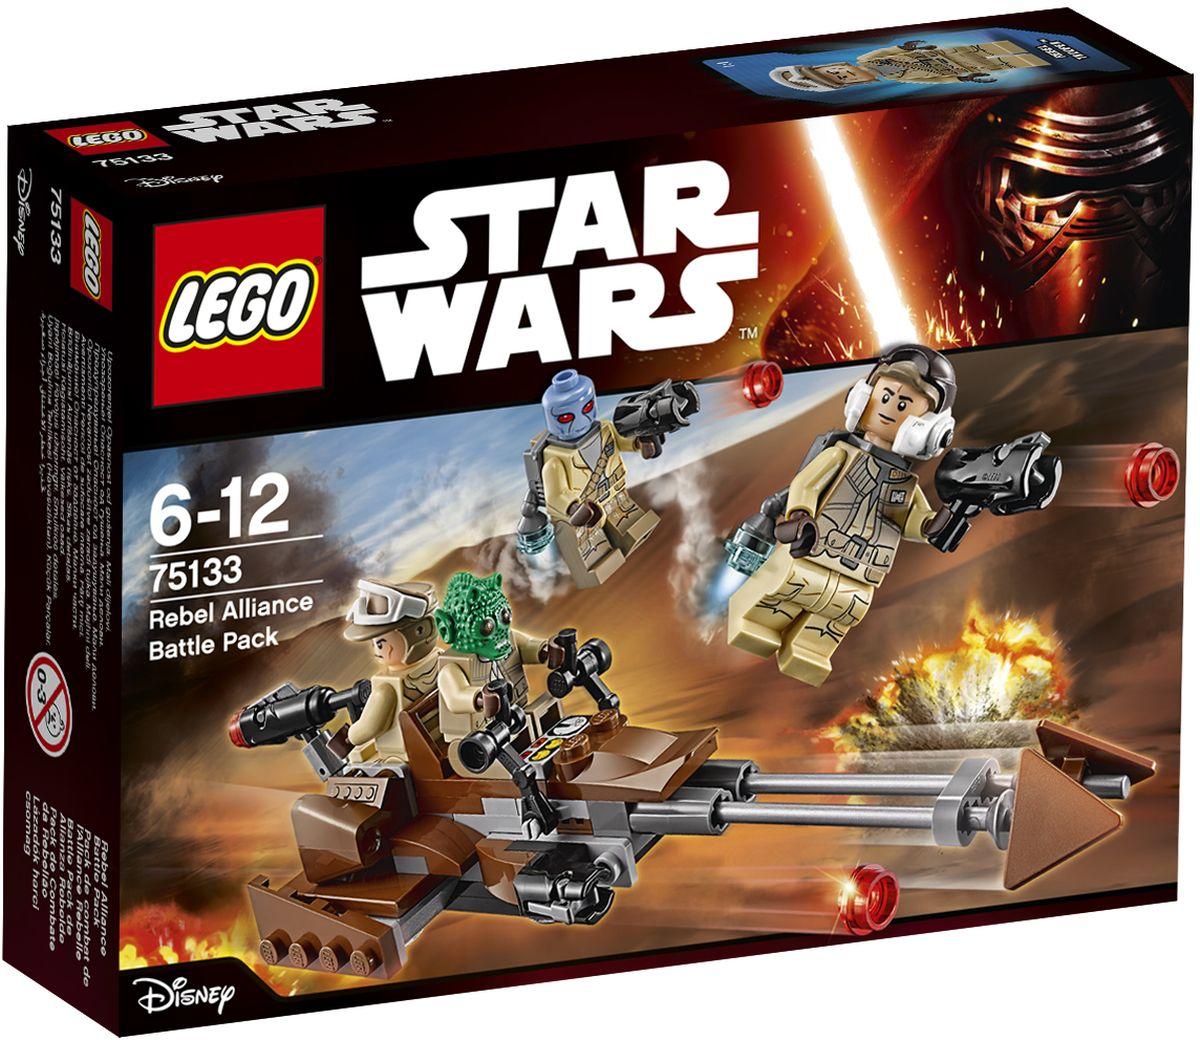 LEGO Star Wars Конструктор Боевой набор Повстанцев 7513375133Конструктор Lego Star Wars Боевой набор Повстанцев приведет в восторг любого поклонника знаменитой космической саги Звездные войны. Конструктор содержит 101 пластиковый элемент, с помощью которых вы сможете собрать оригинальную боевую машину из вселенной Звездных войн. Когда повстанцам нужна быстрая помощь, вызови скоростной спидер с передними и задними пушками. Посади пилота, расположи пулемётчика сзади и веди Повстанцев в бой! Все элементы набора выполнены из прочного безопасного пластика. Корабль и бластеры солдат стреляют небольшими снарядами, входящими в набор. Также в набор входят фигурки солдат-повстанцев. Игры с конструкторами помогут ребенку развить воображение, внимательность, пространственное мышление и творческие способности. Такой конструктор надолго займет внимание малыша и непременно станет его любимой игрушкой.